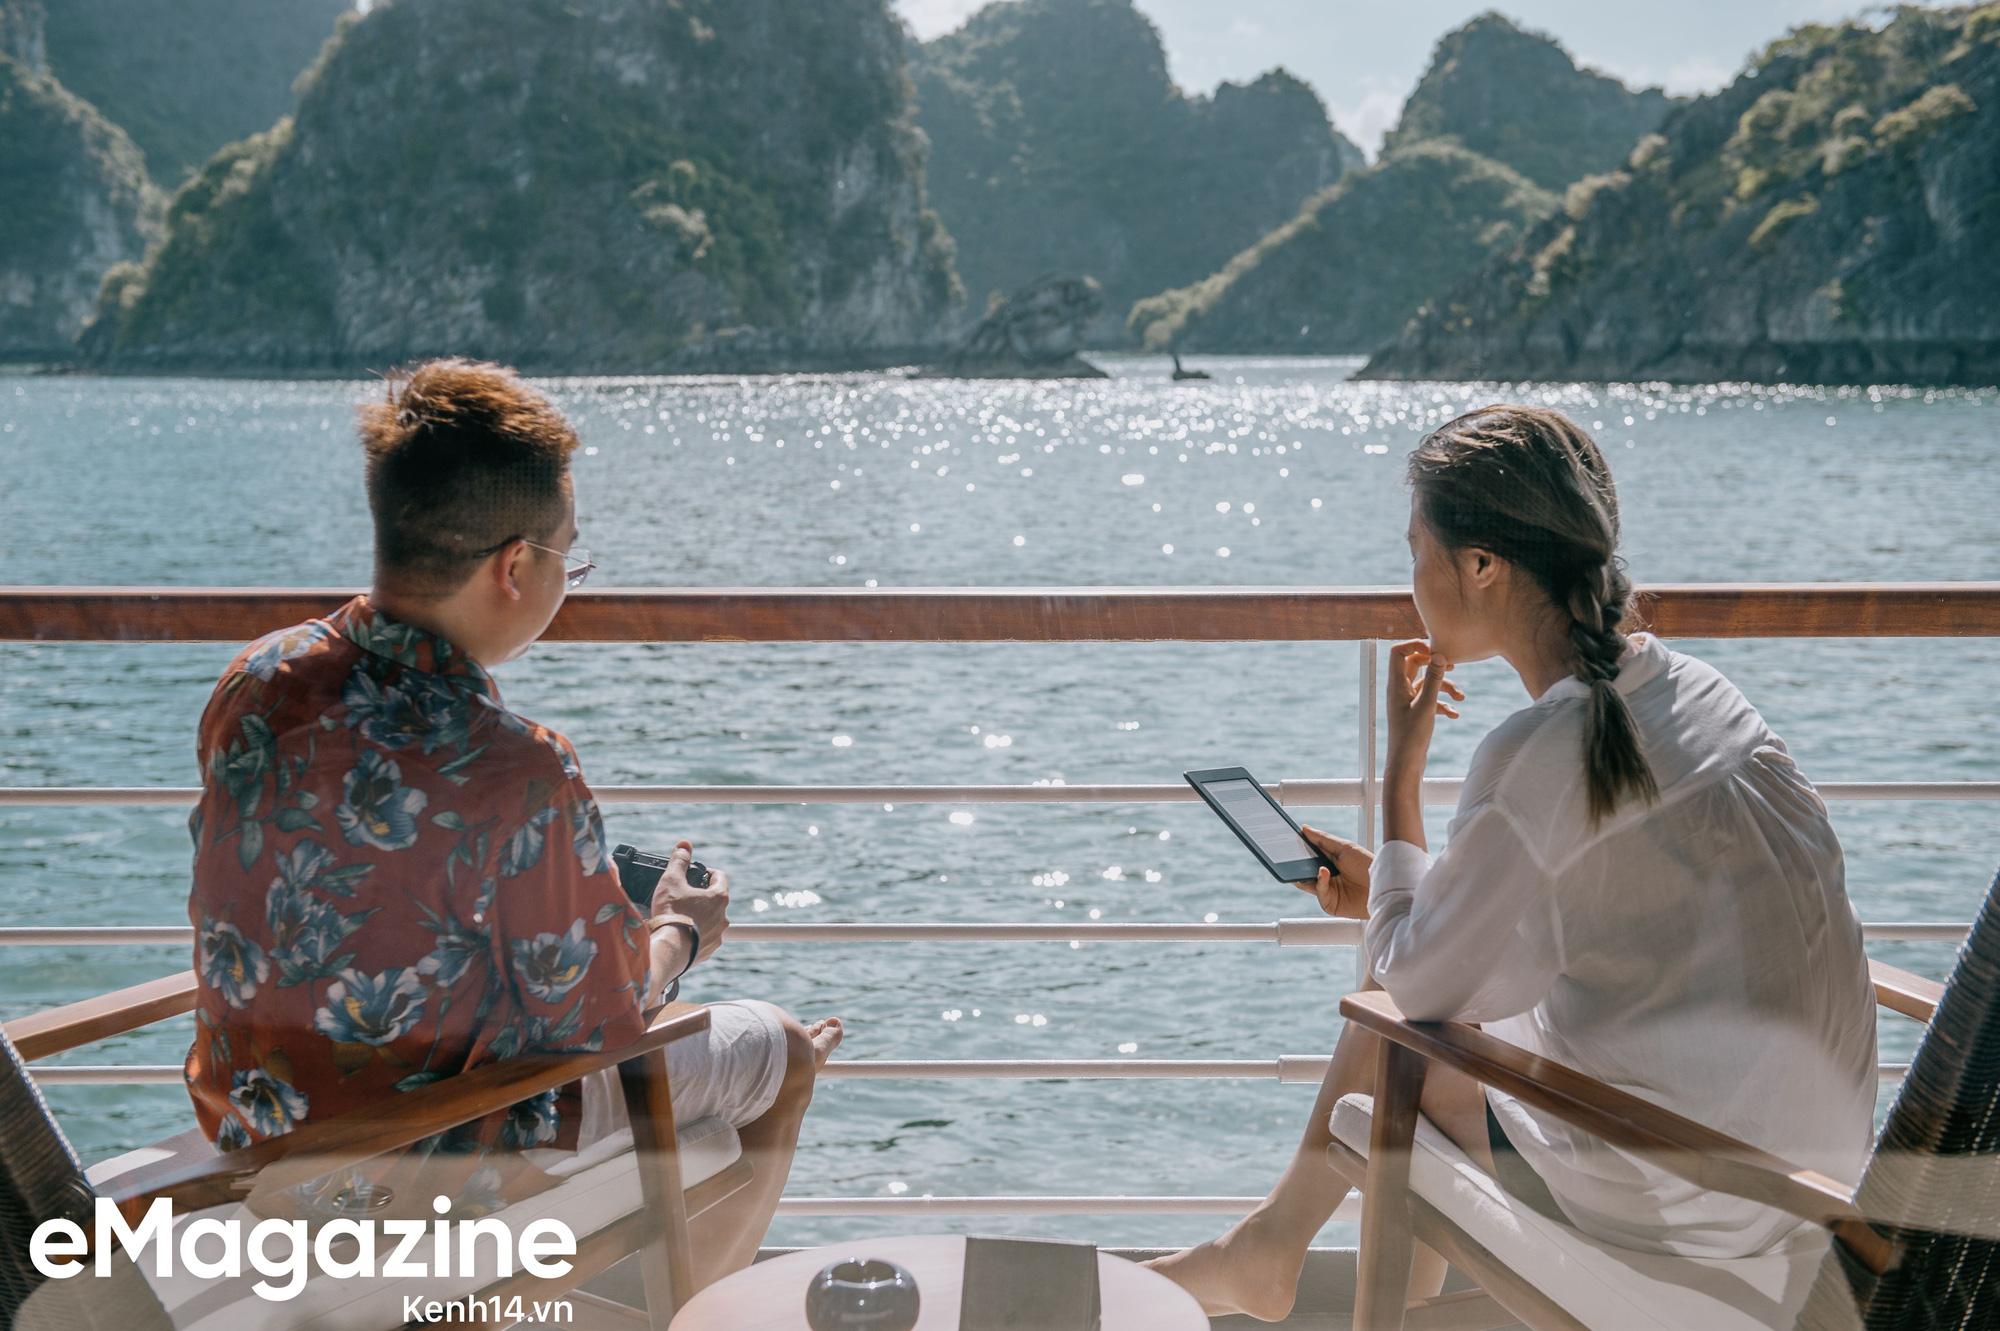 Trải nghiệm vịnh Lan Hạ đẹp như thơ trên du thuyền 5 sao để nhận ra: Đi du lịch ở Việt Nam có thể đẳng cấp chẳng kém chỗ nào! - Ảnh 11.